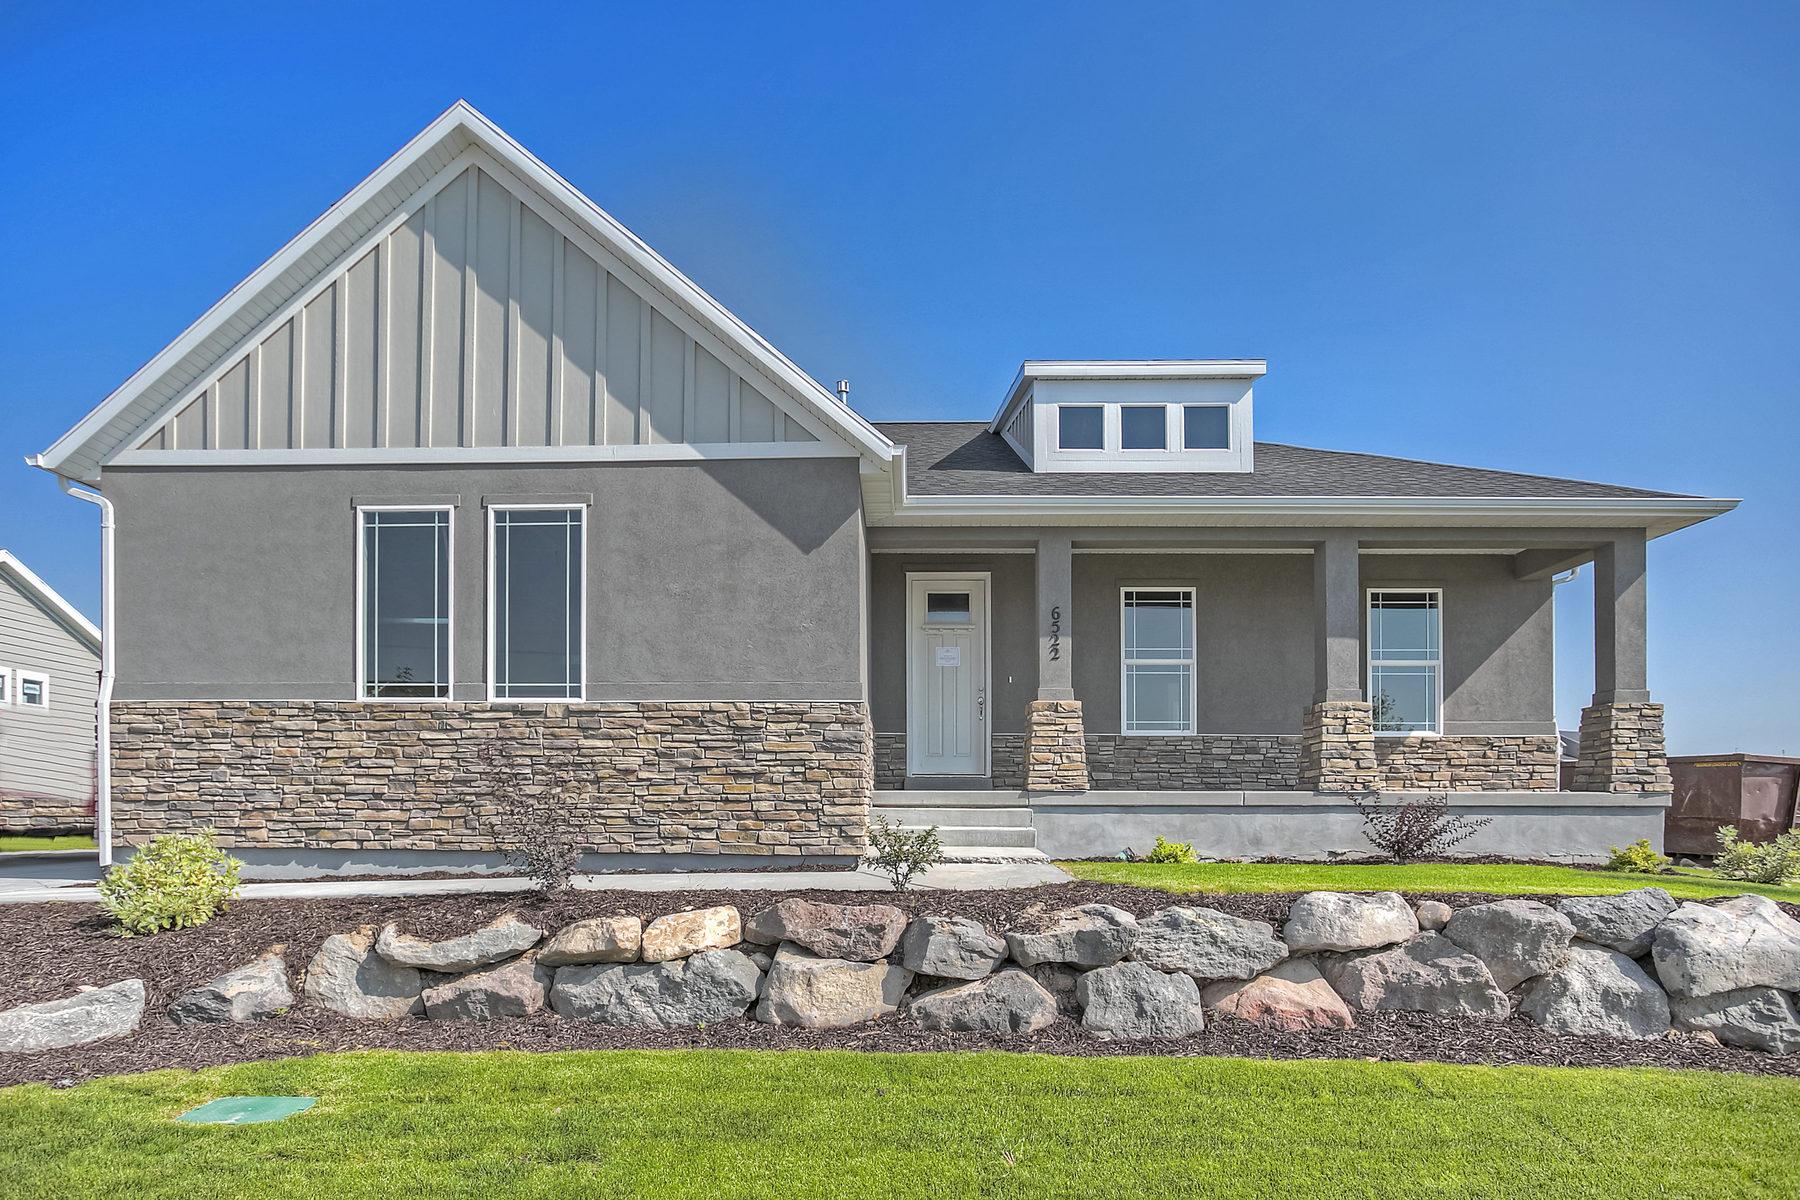 Maison unifamiliale pour l Vente à Maple Hills Elkhorn Plan 6522 West 7735 South Lot #1008 West Jordan, Utah 84081 États-Unis